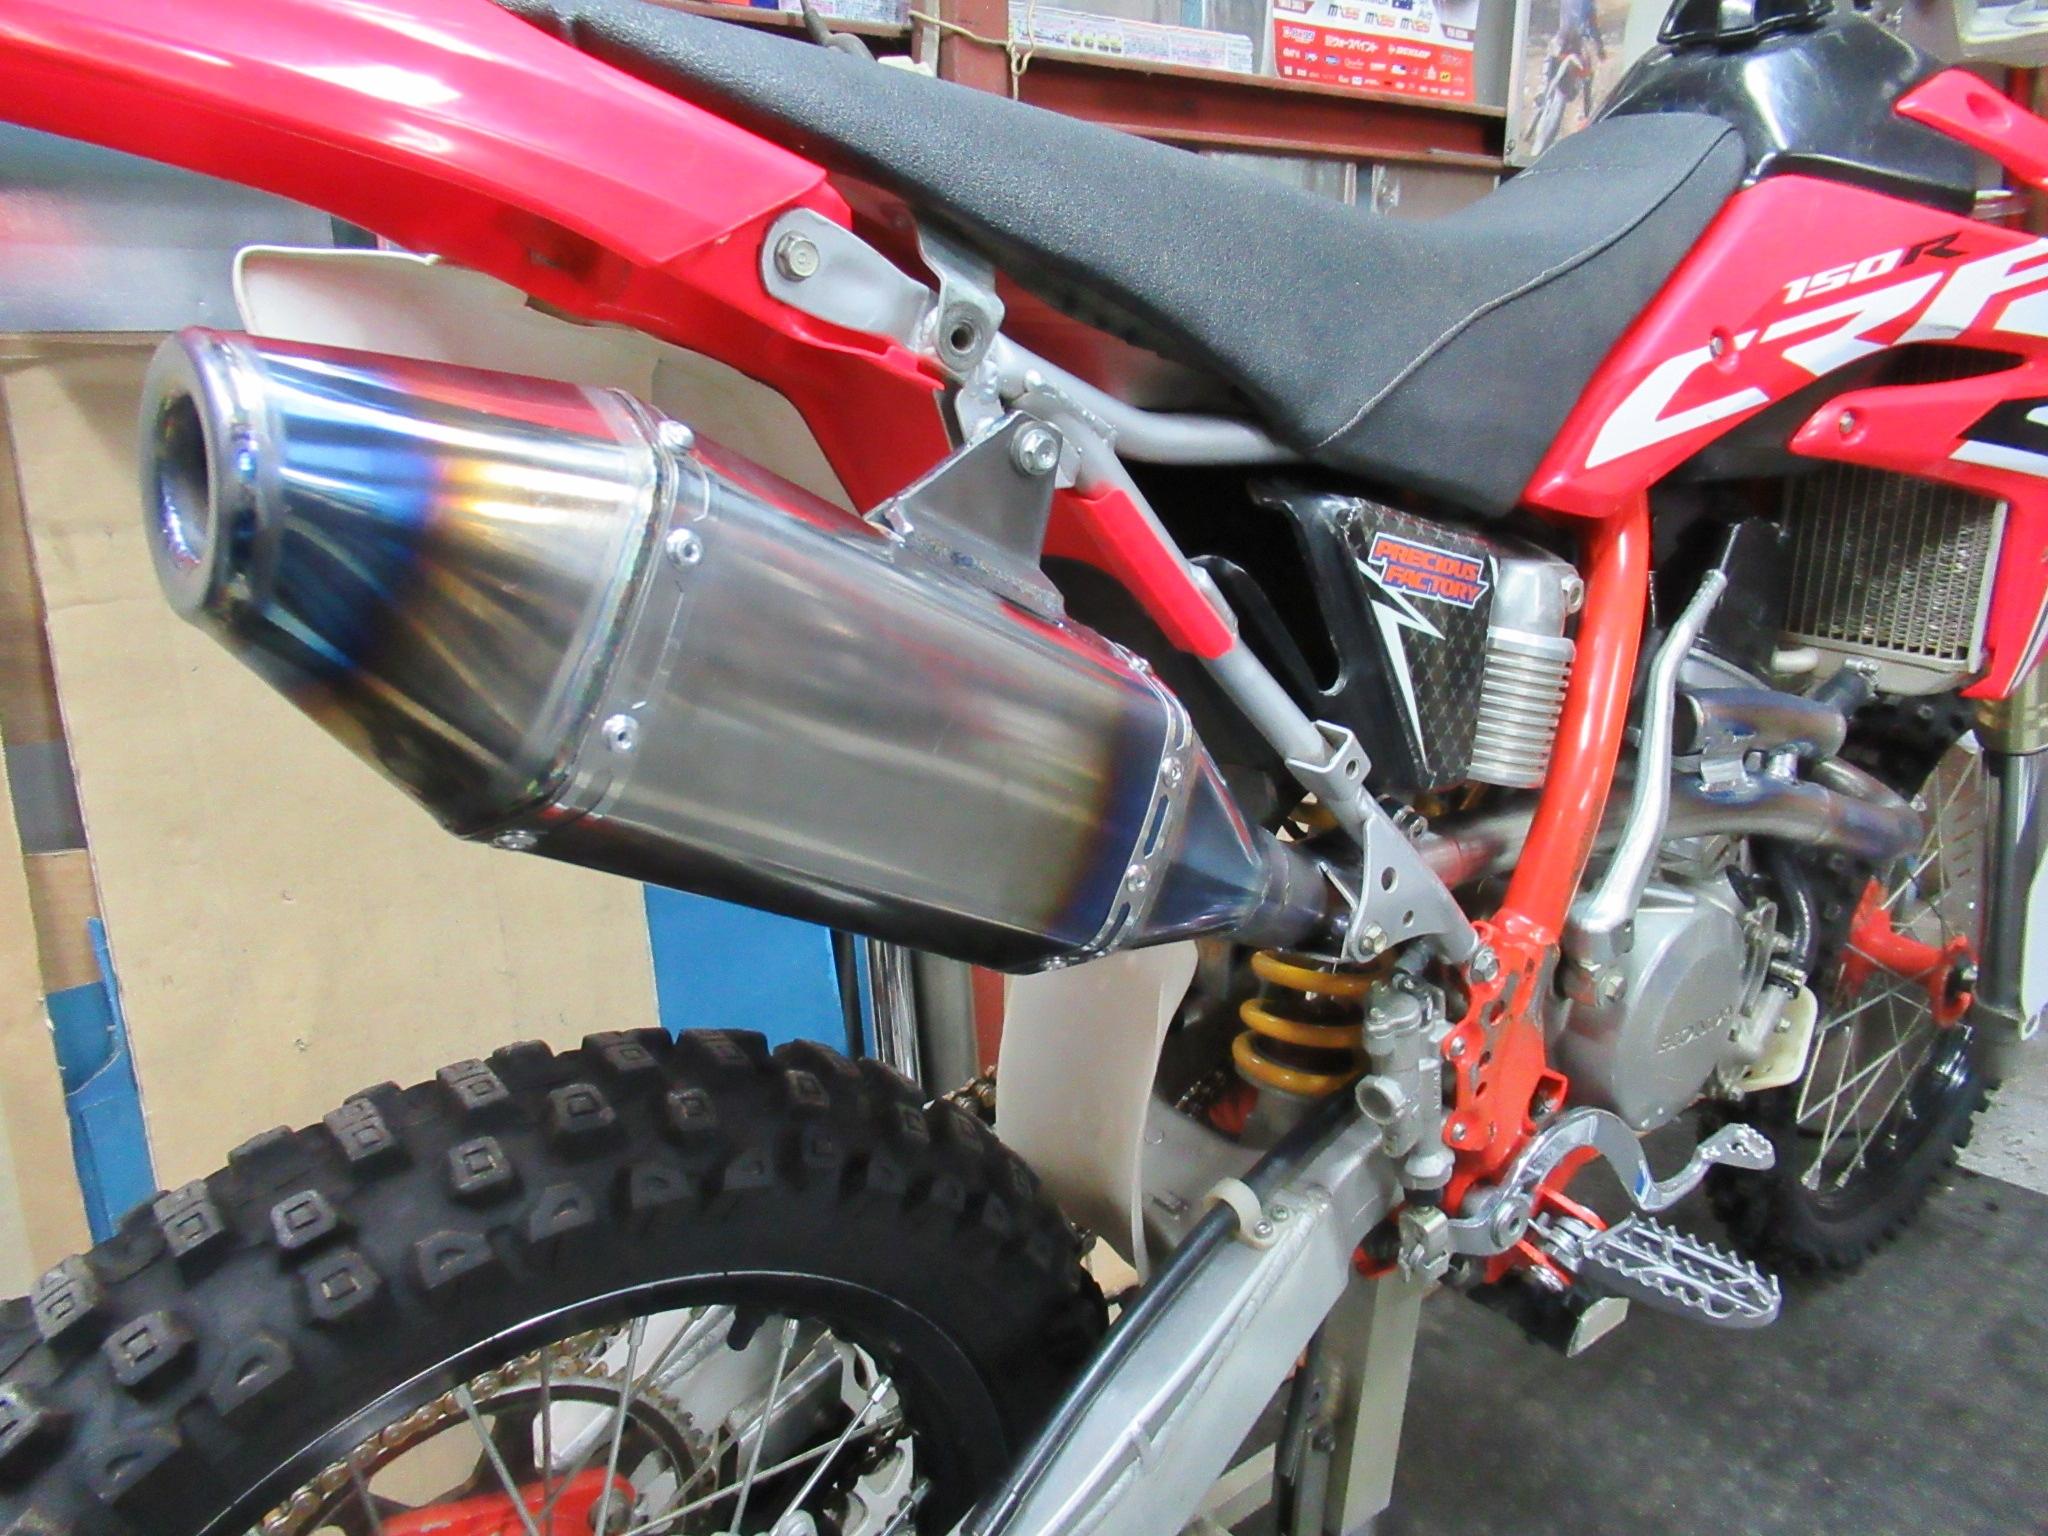 http://www.precious-factory.com/preciousfactory2010/IMG_1336.JPG